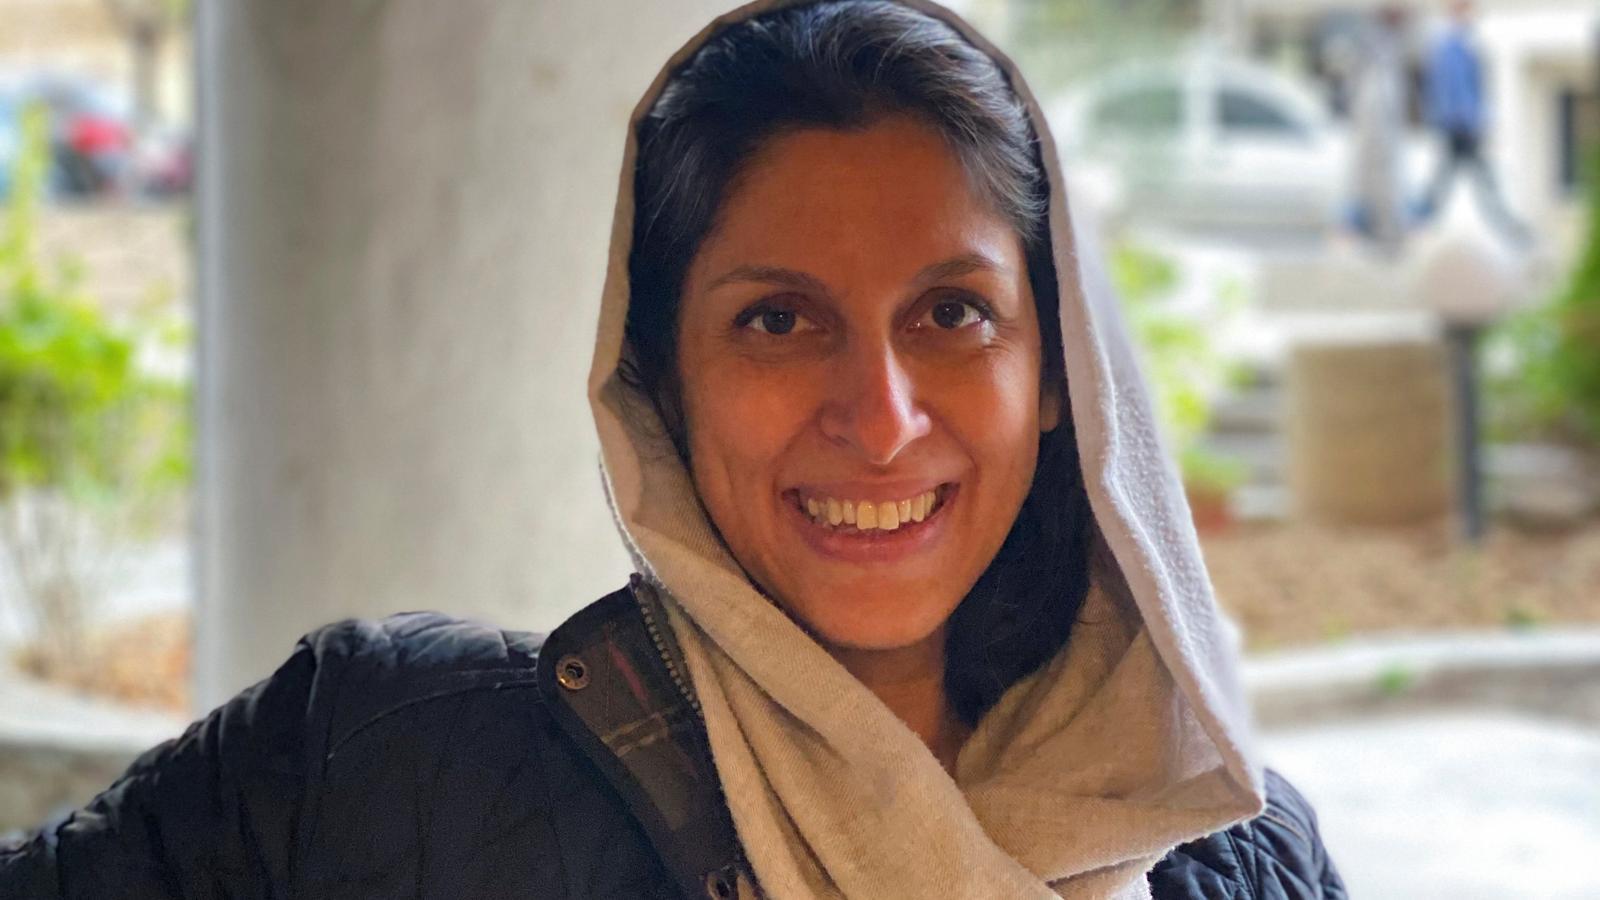 L'Iran allibera una ciutadana britànico-iraniana, però la tornarà a jutjar